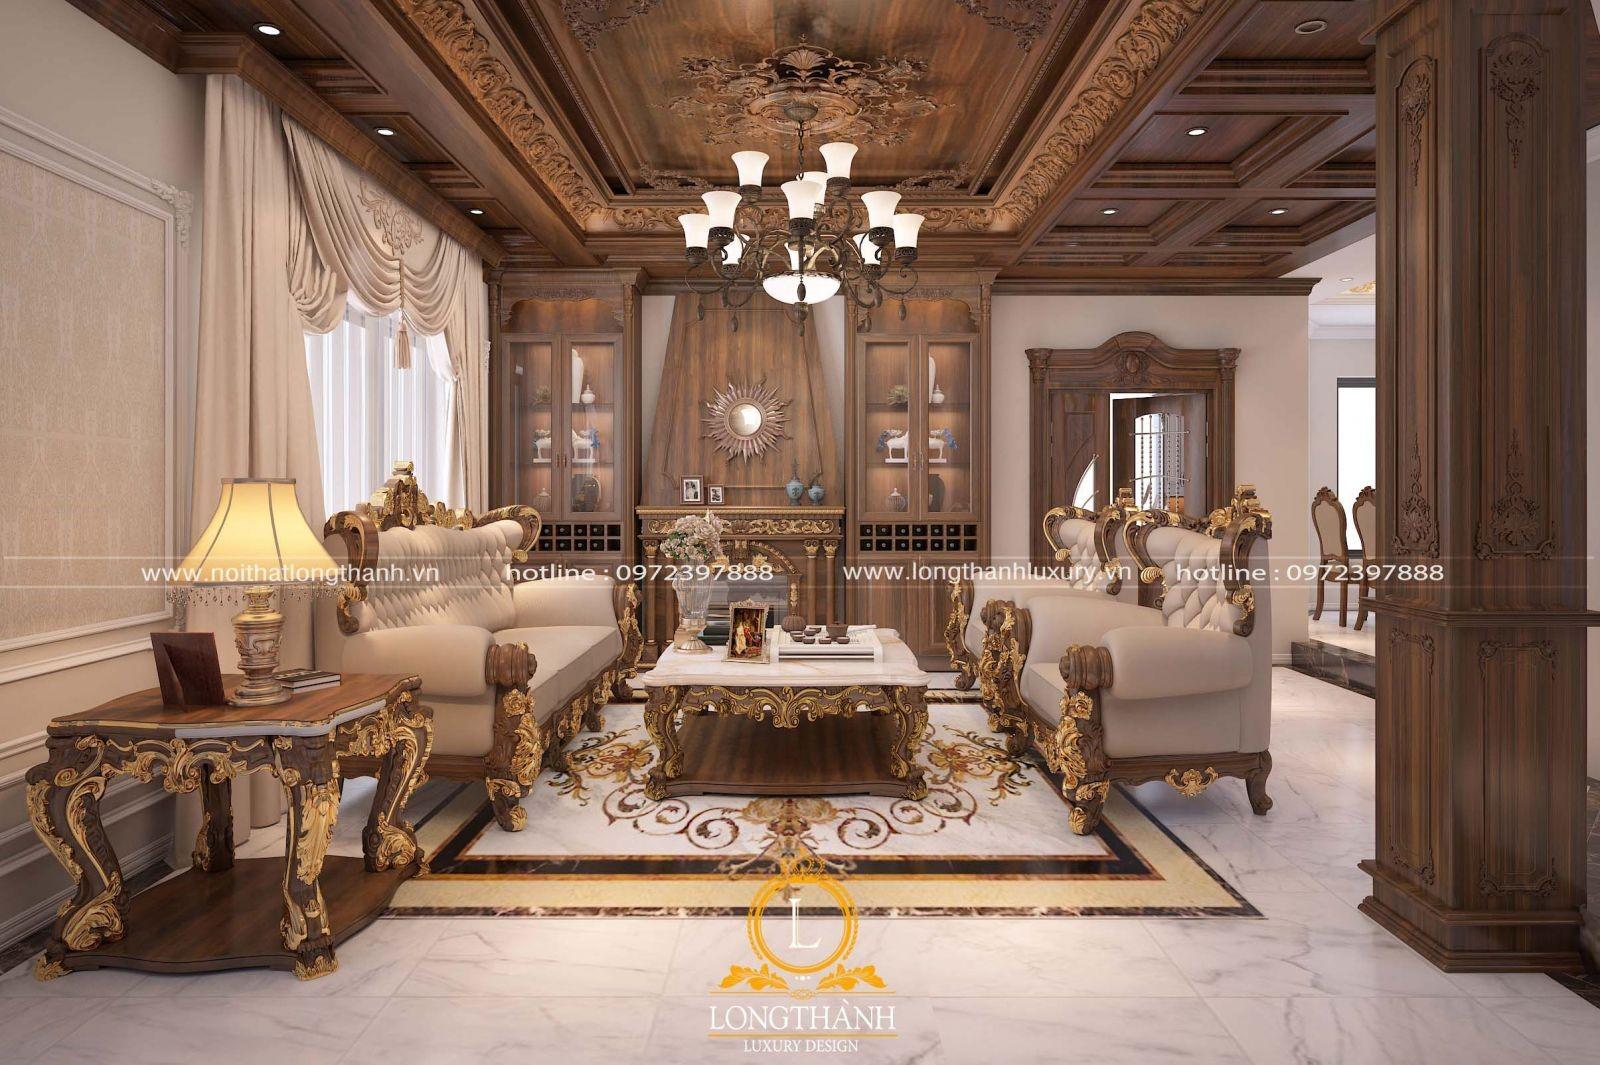 Tinh tế, sang trọng với nội thất phòng khách biệt thự bằng gỗ